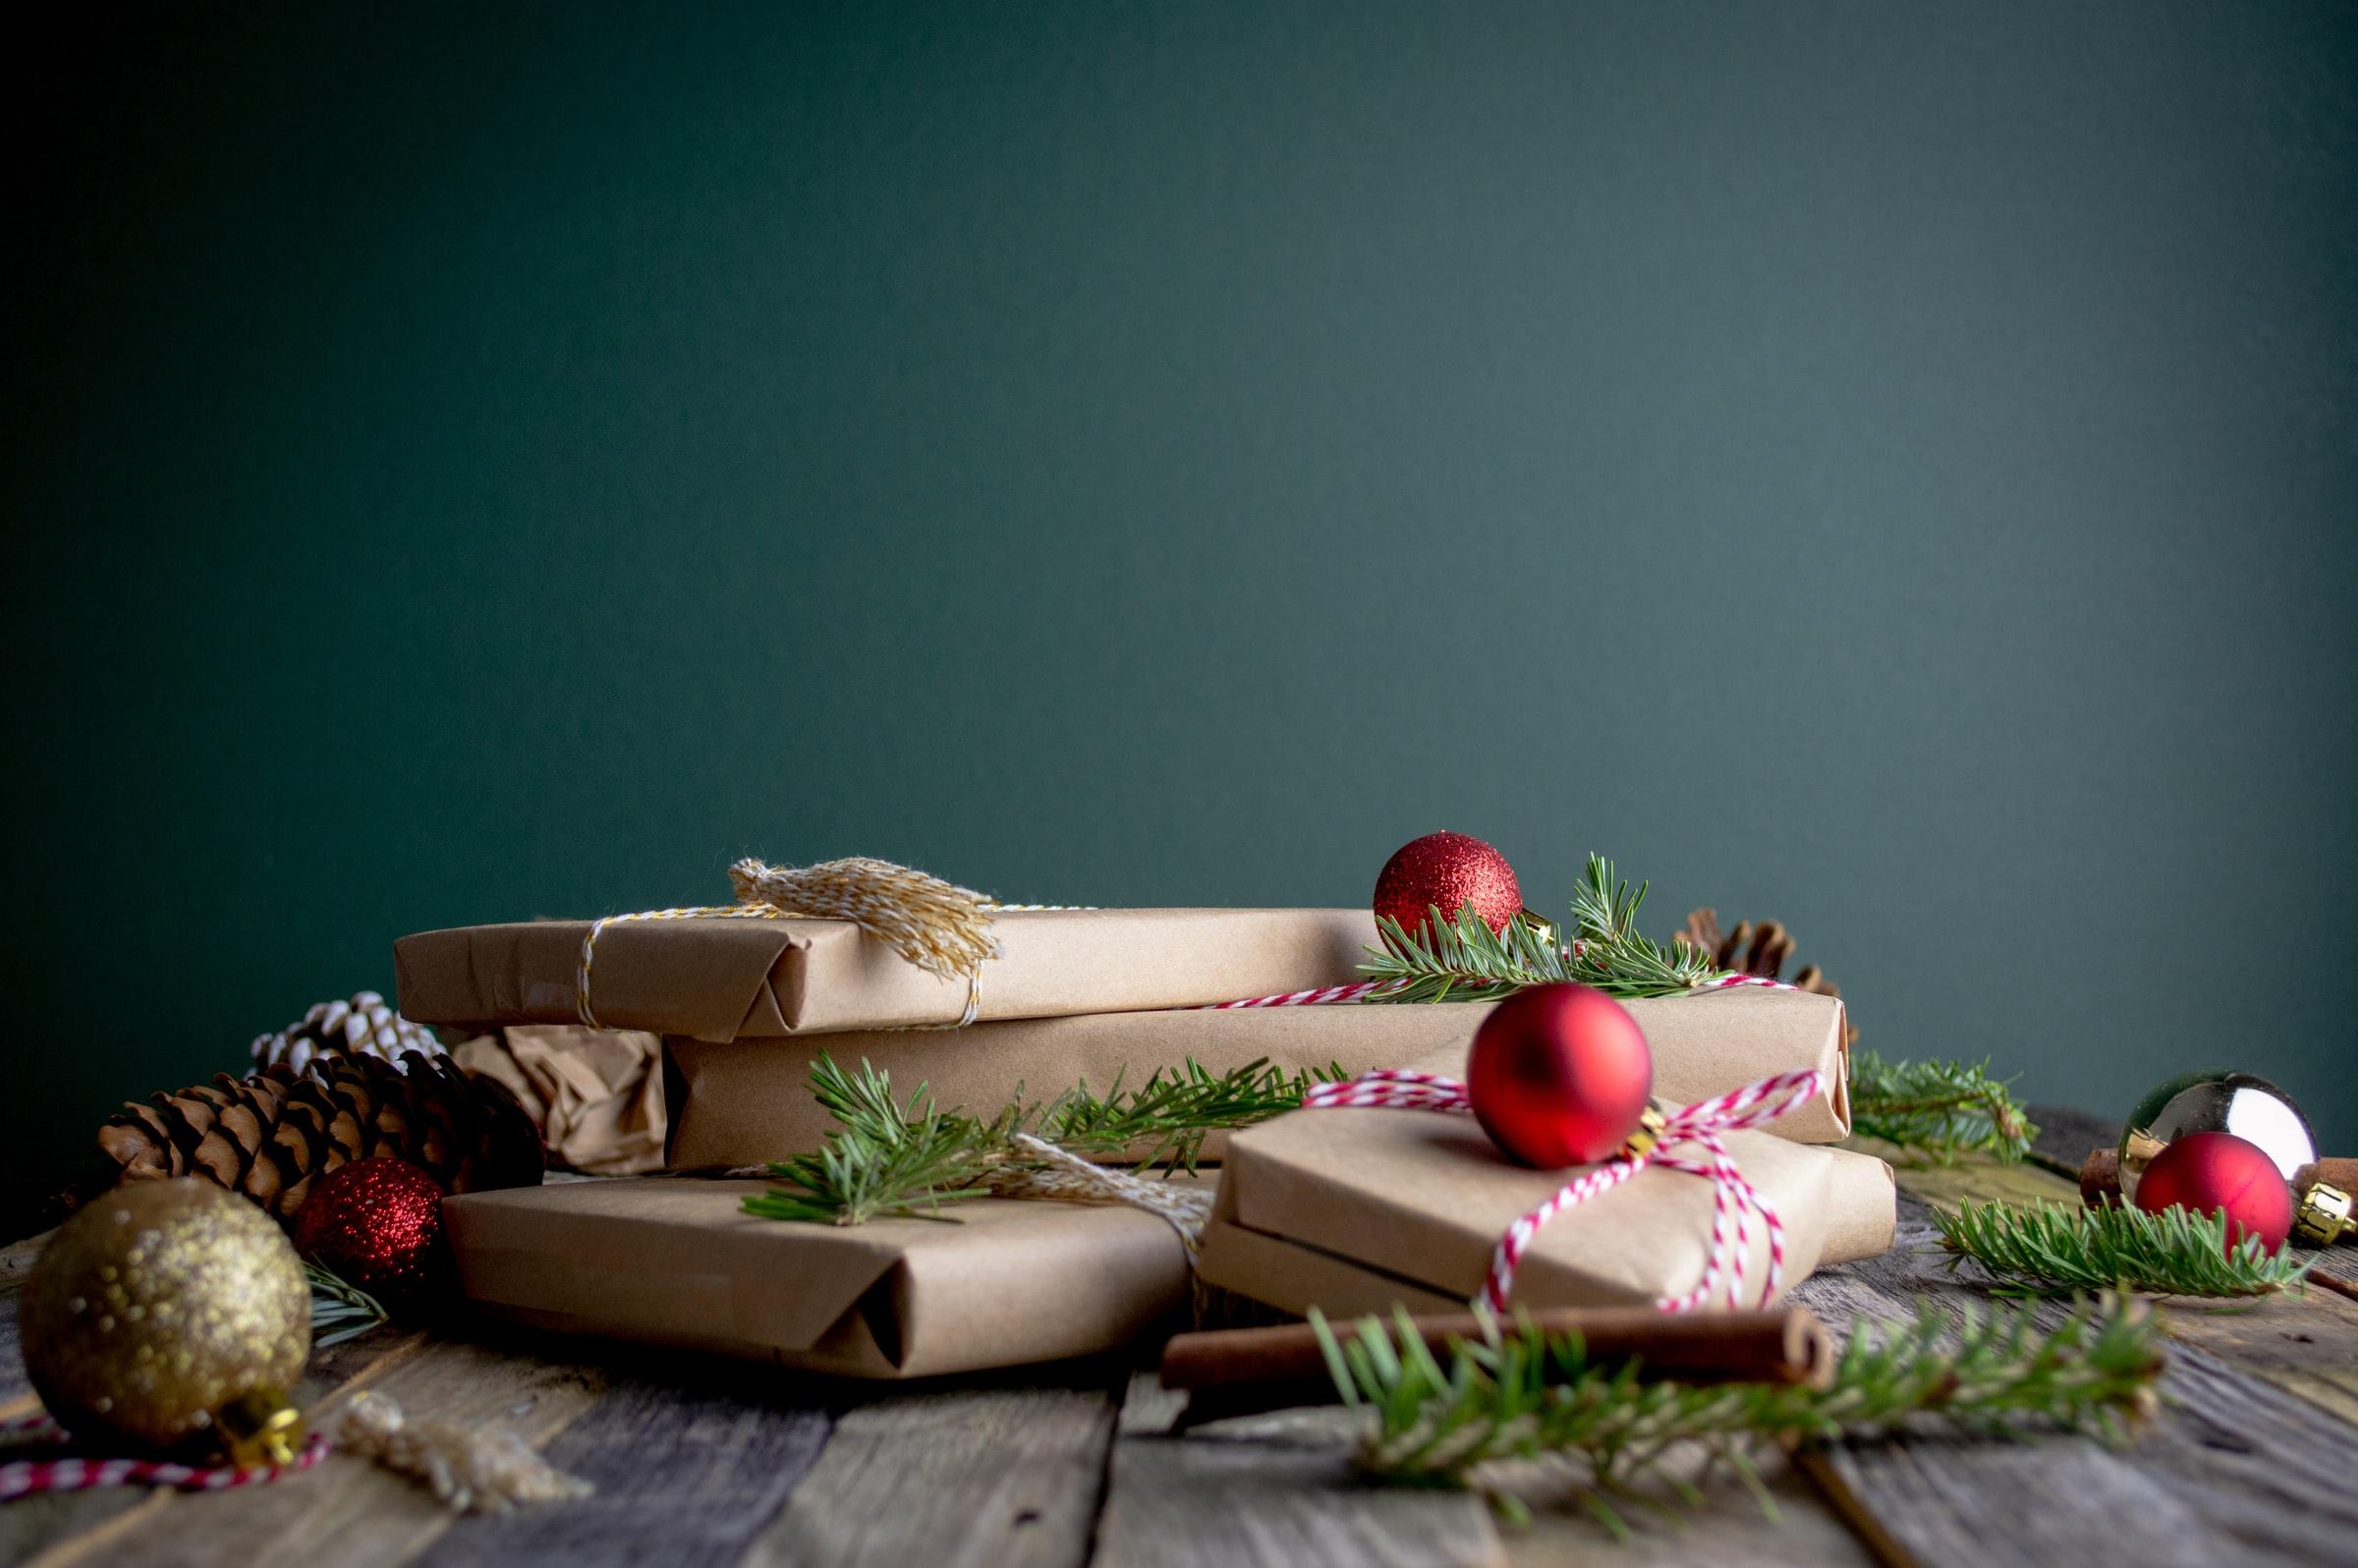 cadeaus ingepakt in karton op tafel